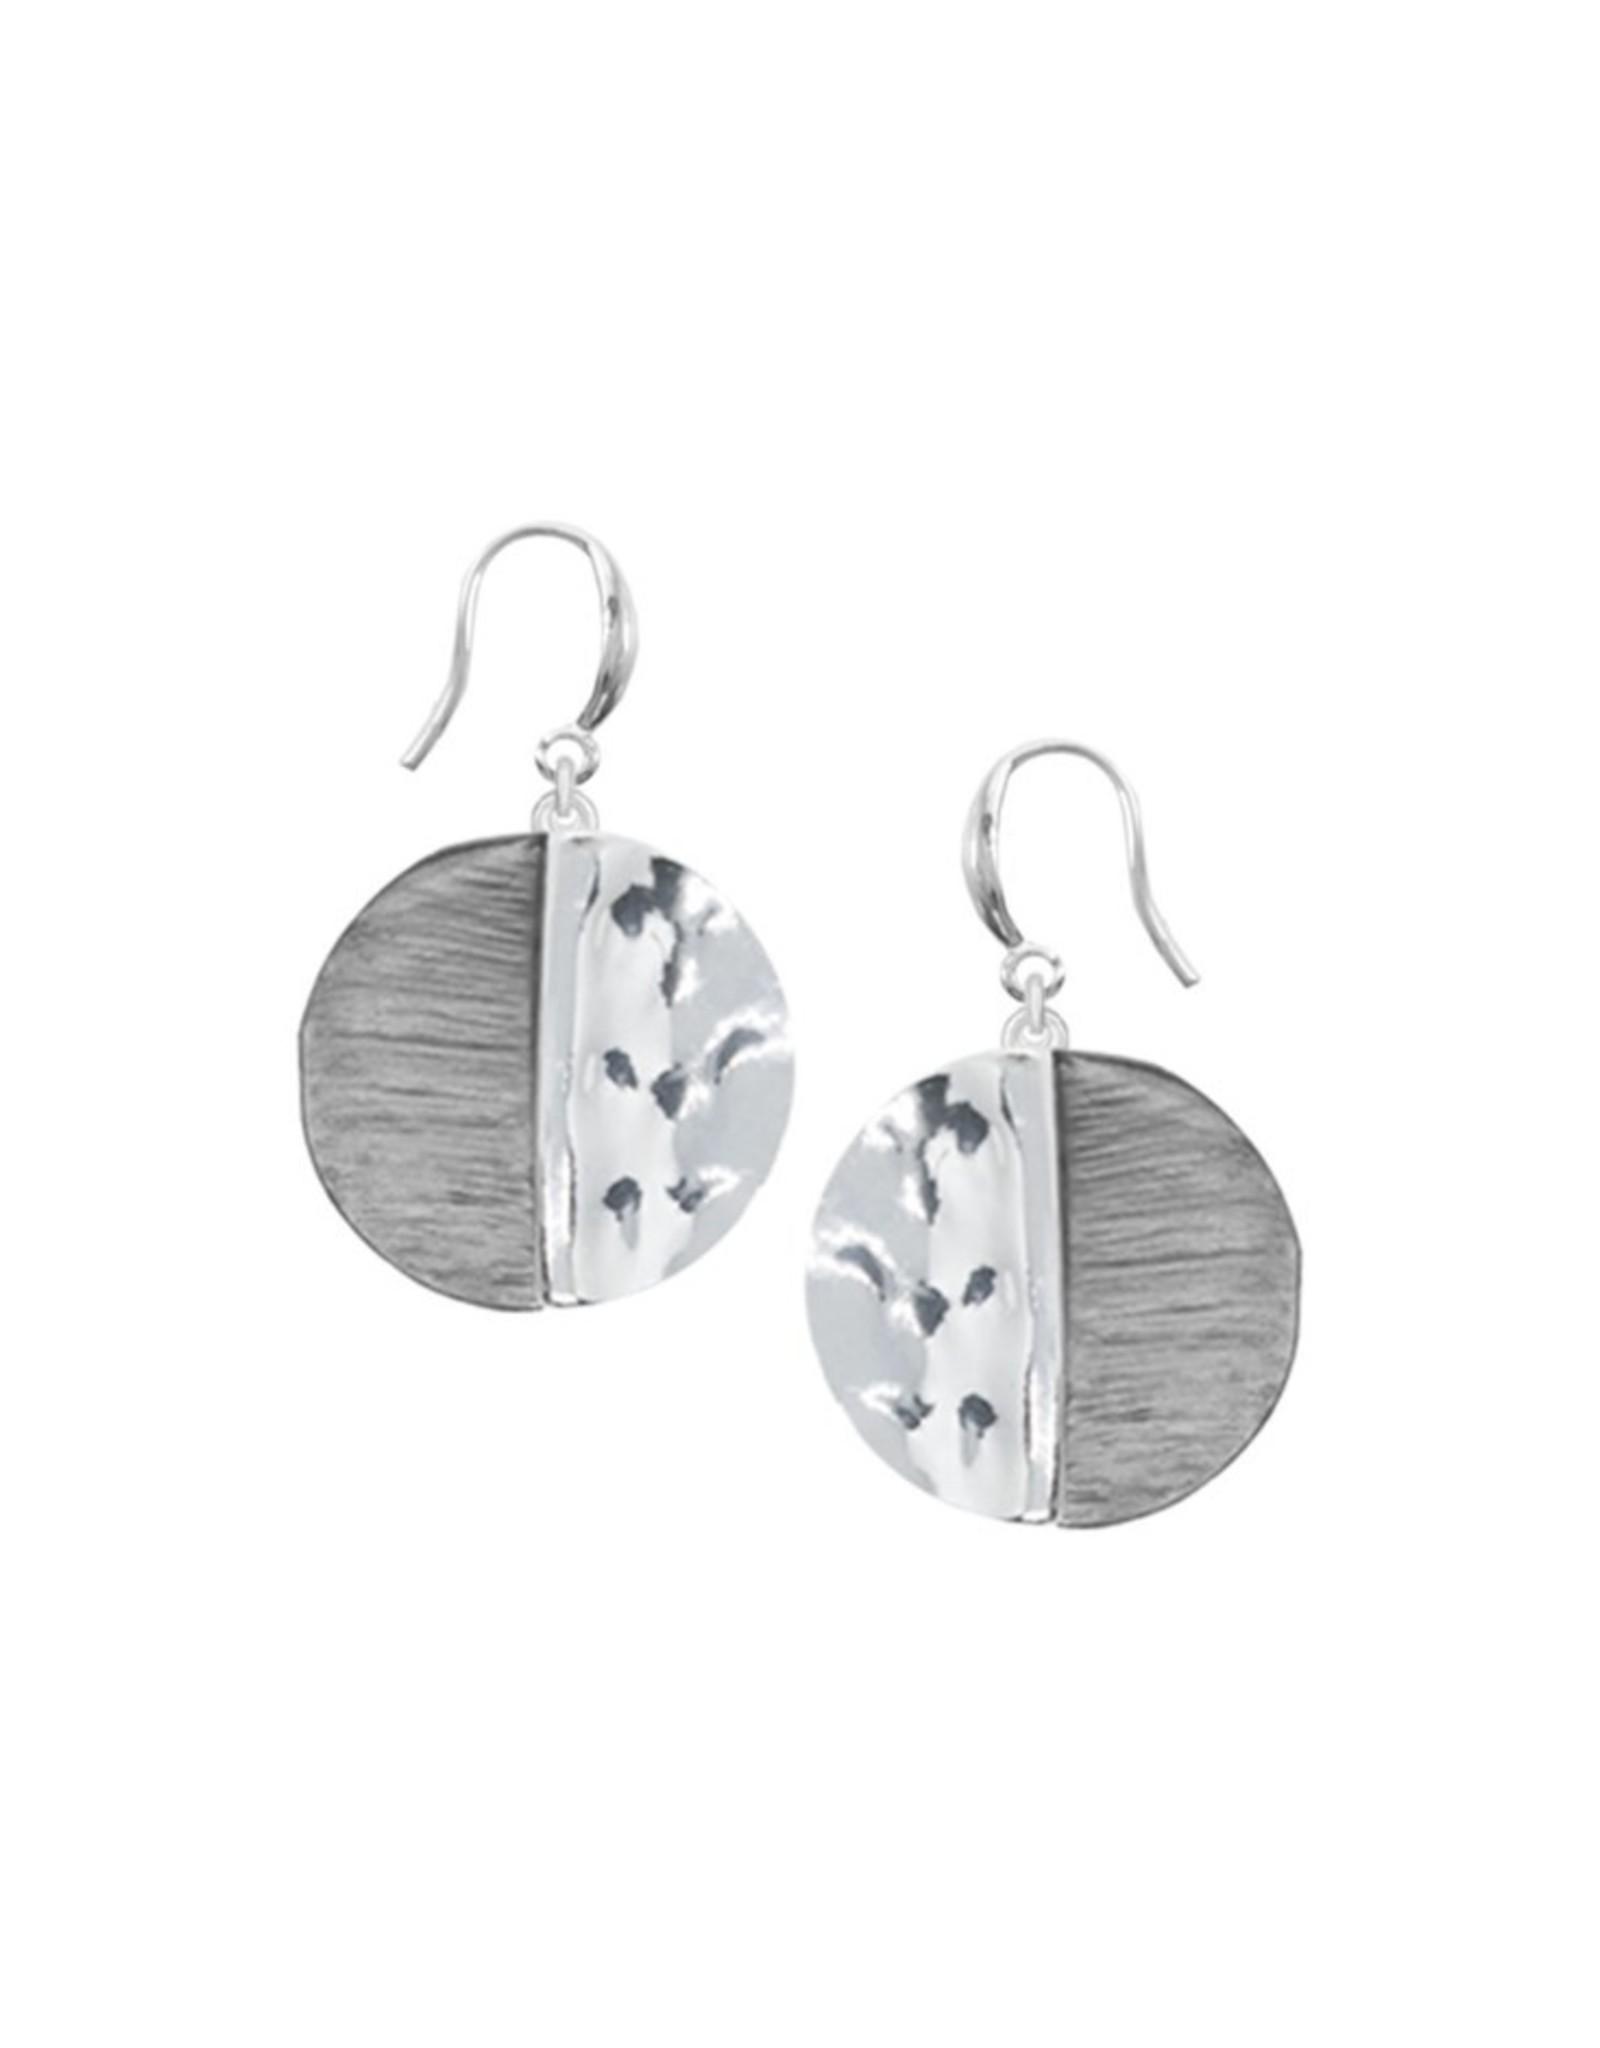 Hand Painted Metallic Earrings-grey